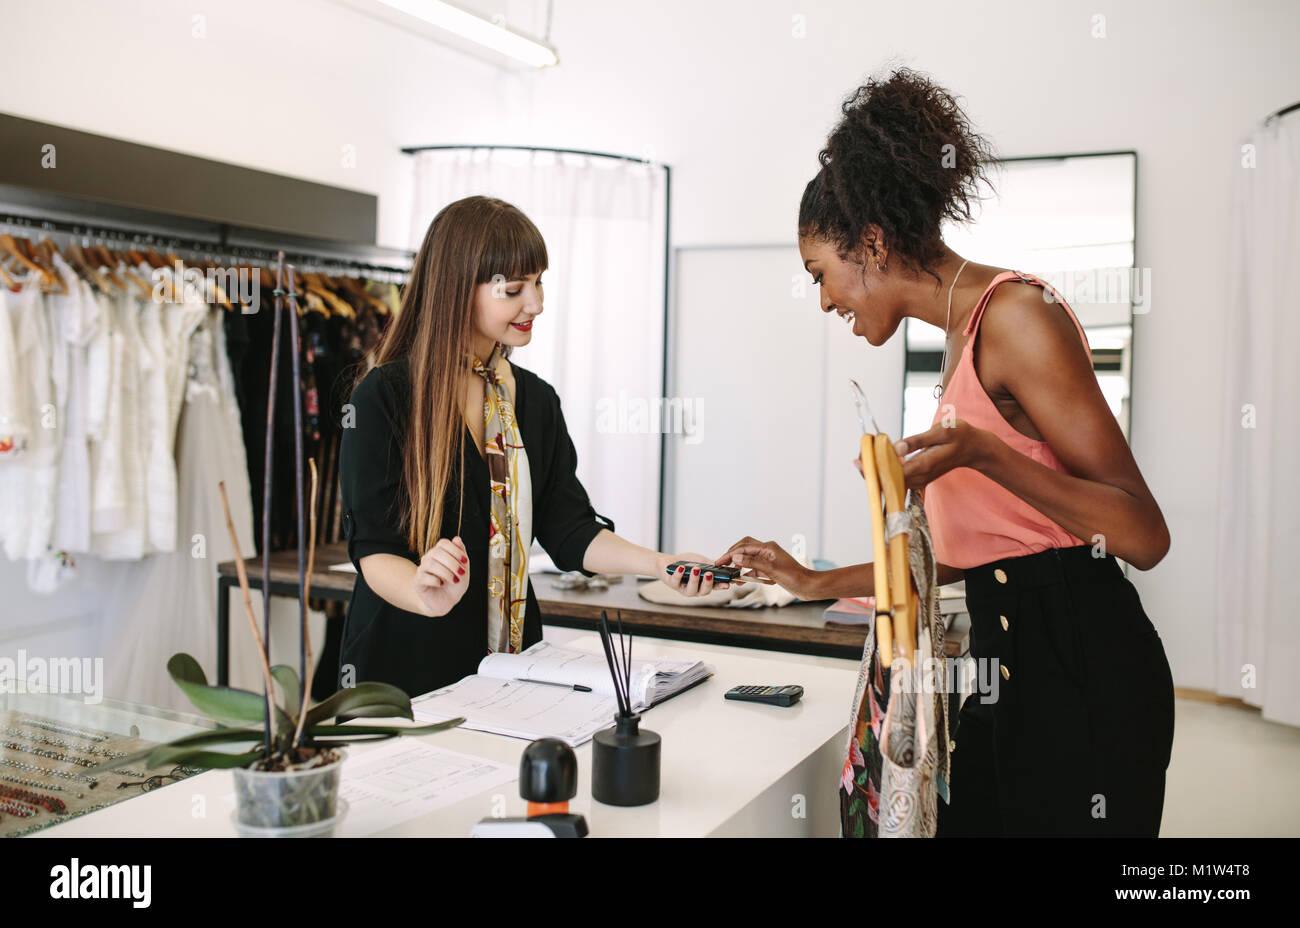 Acquisti del cliente usura designer presso una boutique di moda. Il cliente effettuando il pagamento immettendo Immagini Stock